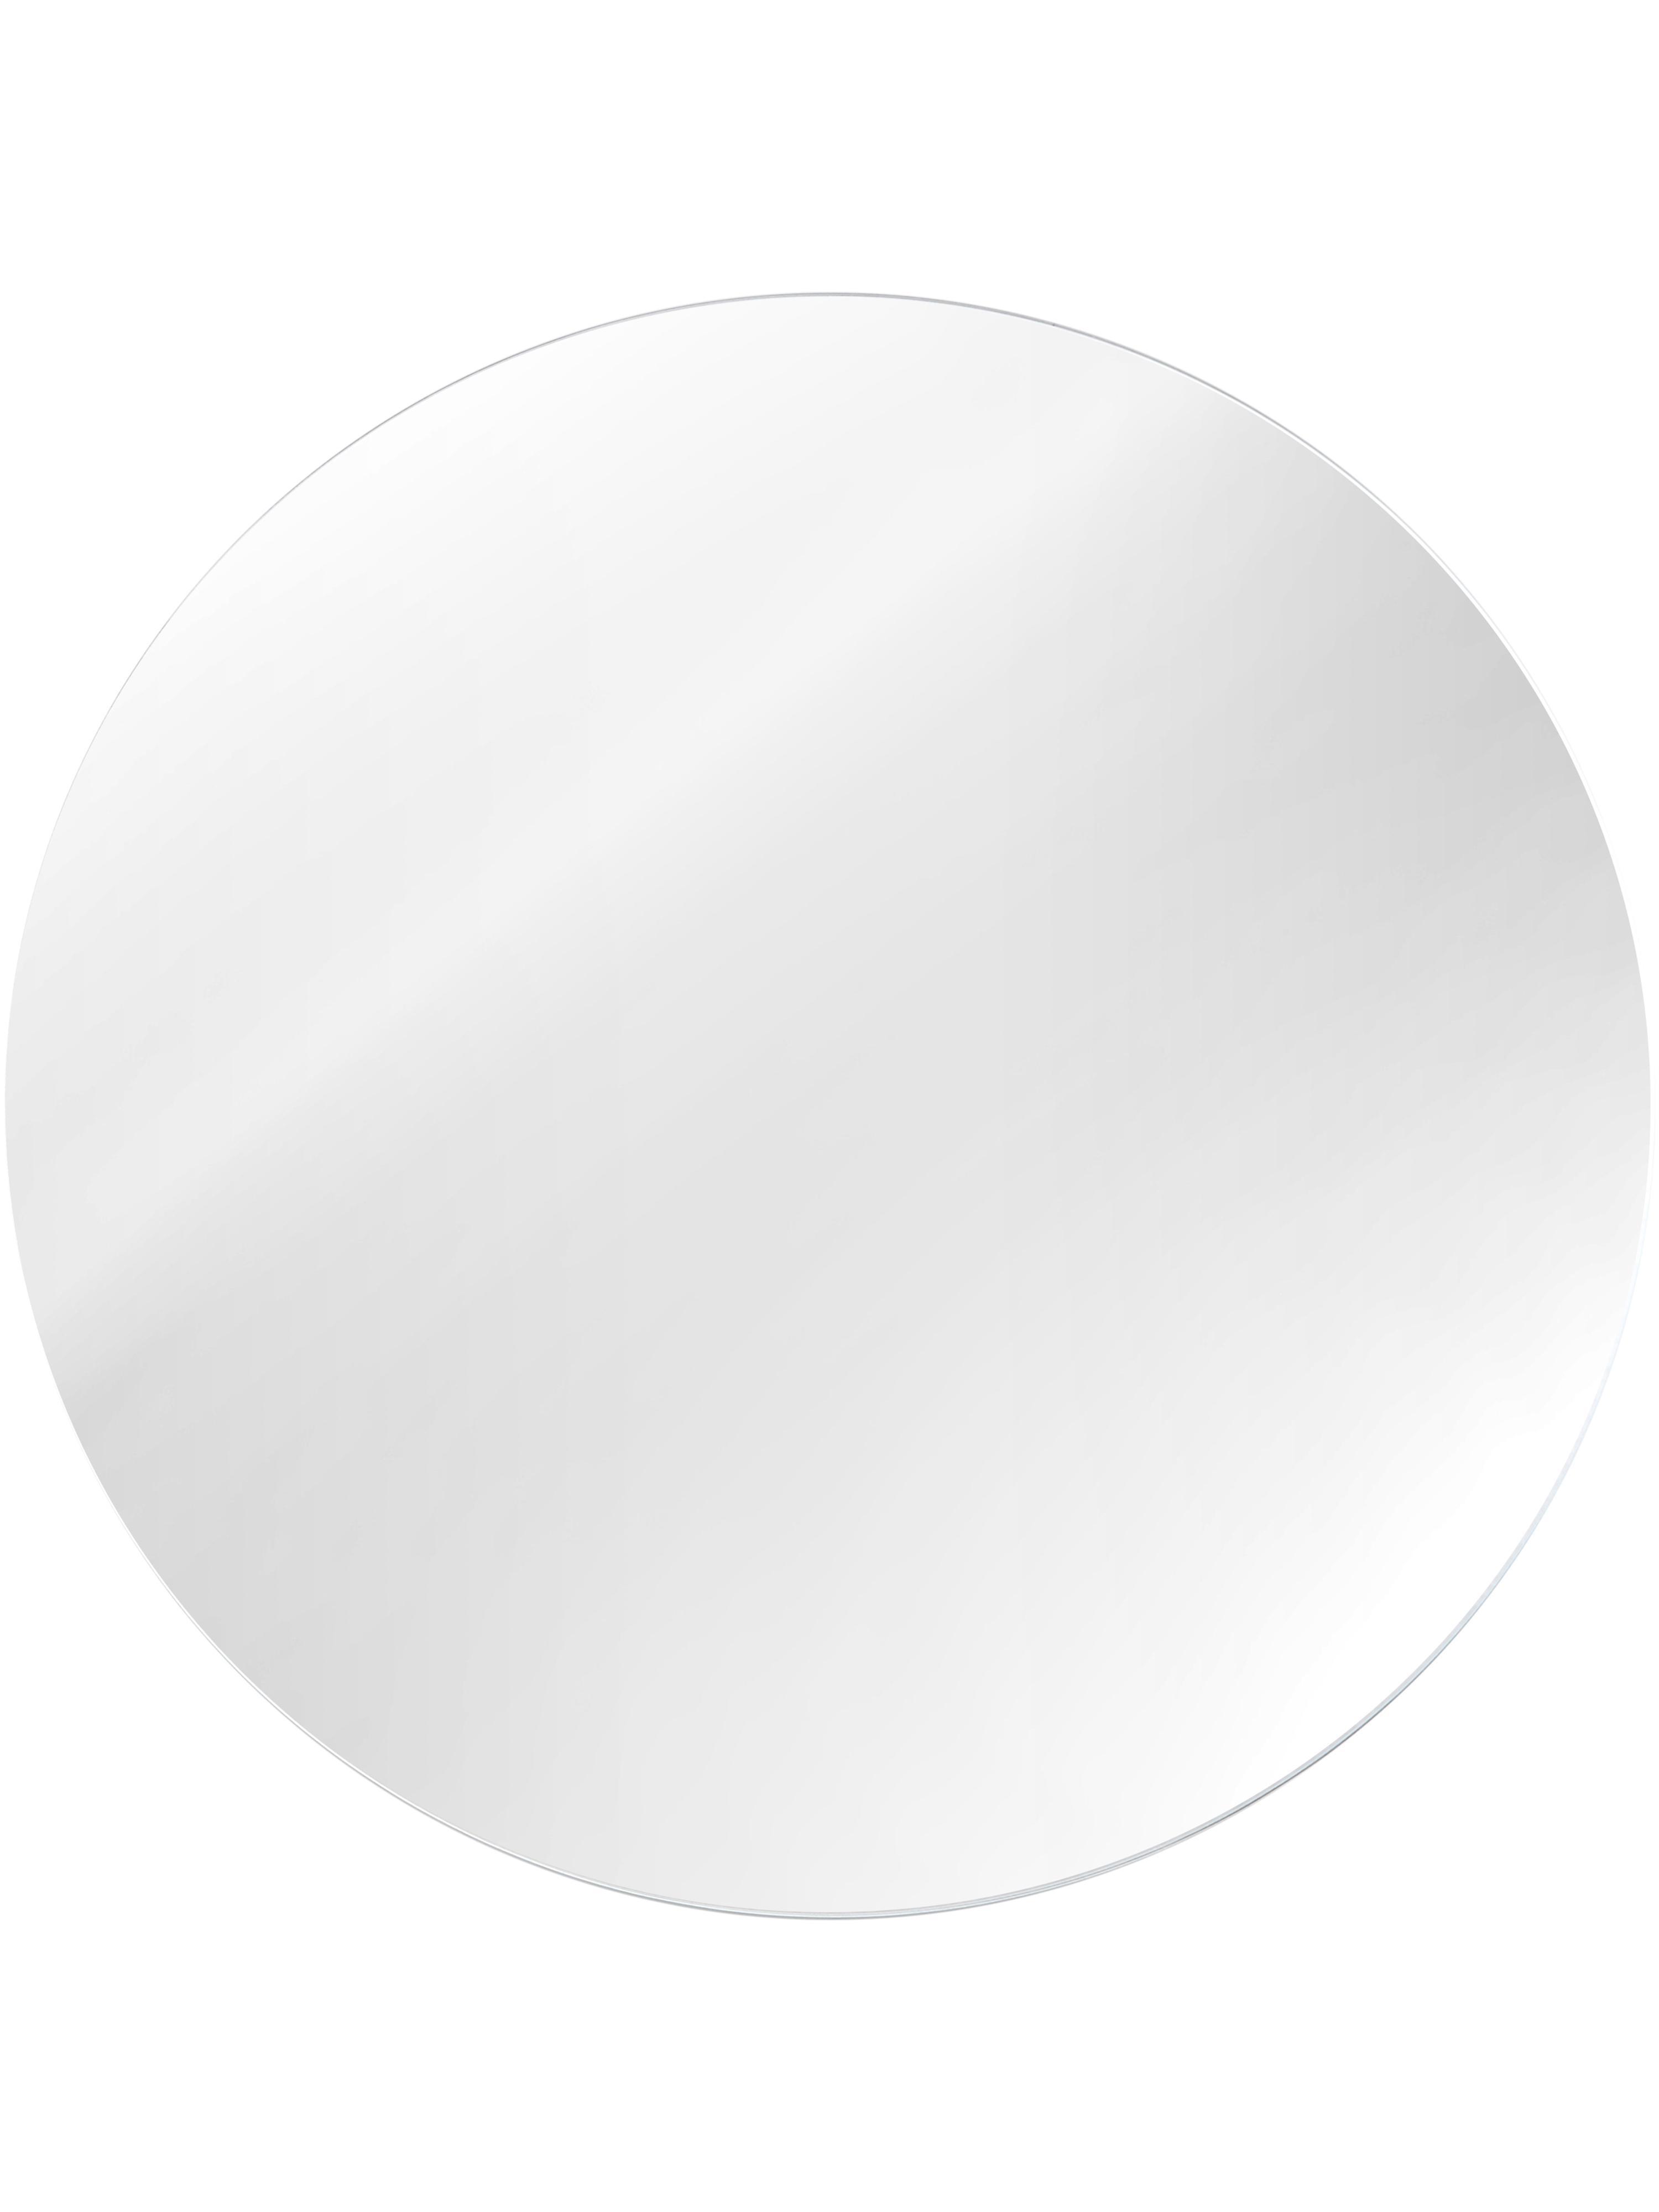 Rahmenloser Wandspiegel Erin, Spiegelfläche: Spiegelglas, Rückseite: Mitteldichte Holzfaserpla, Spiegelfläche: SpiegelglasSpiegelaußenkante: Schwarz, Ø 80 cm